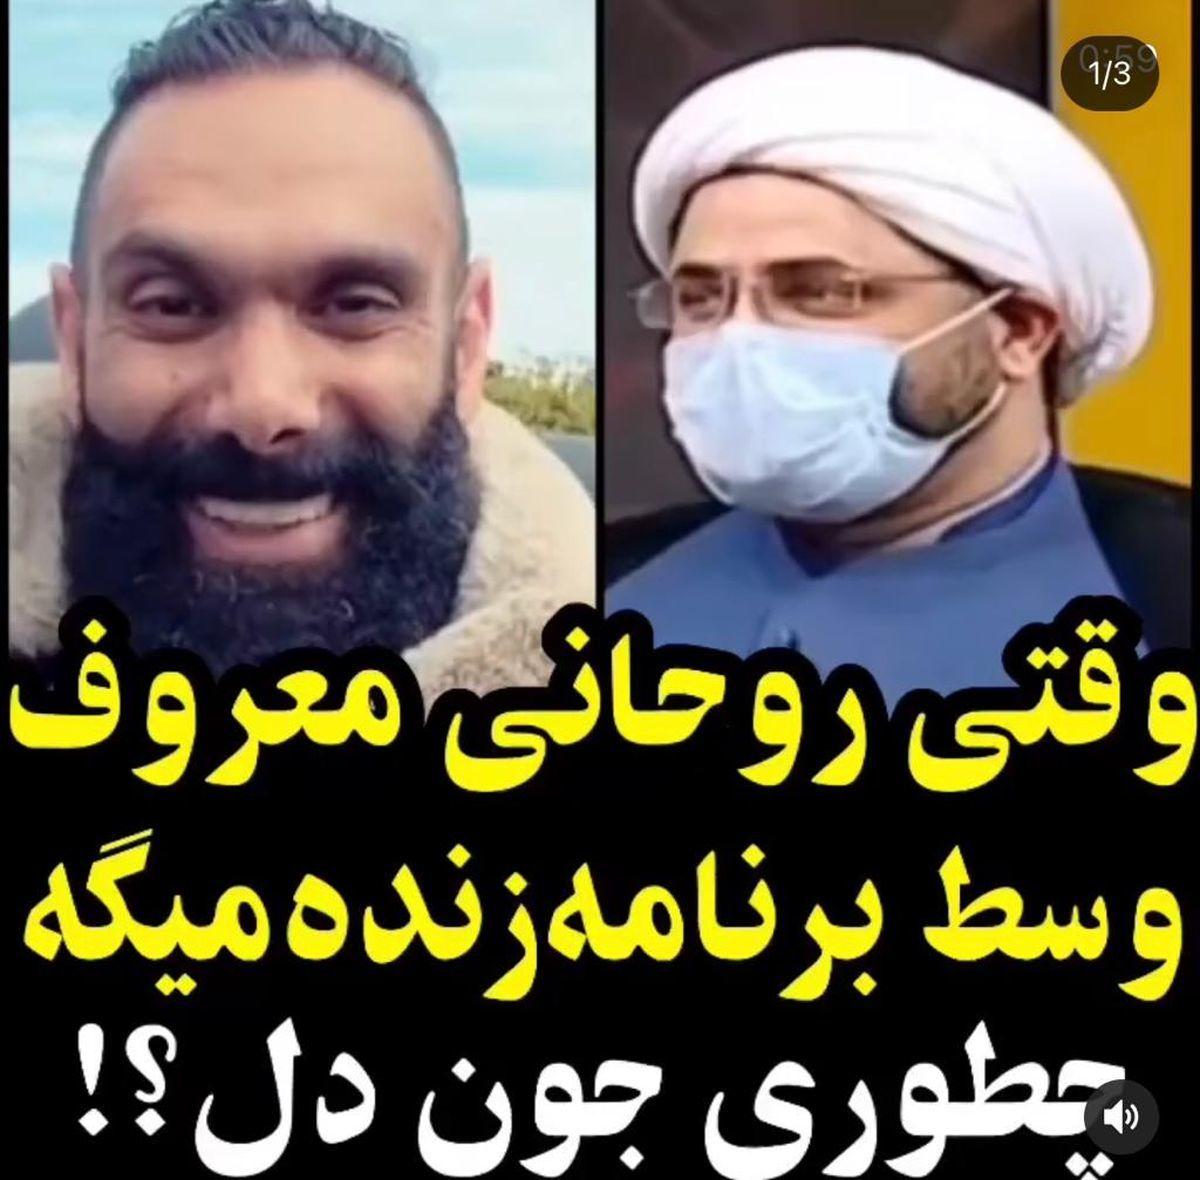 روحانی معروف پای جون دل را به صداوسیما باز کرد + فیلم